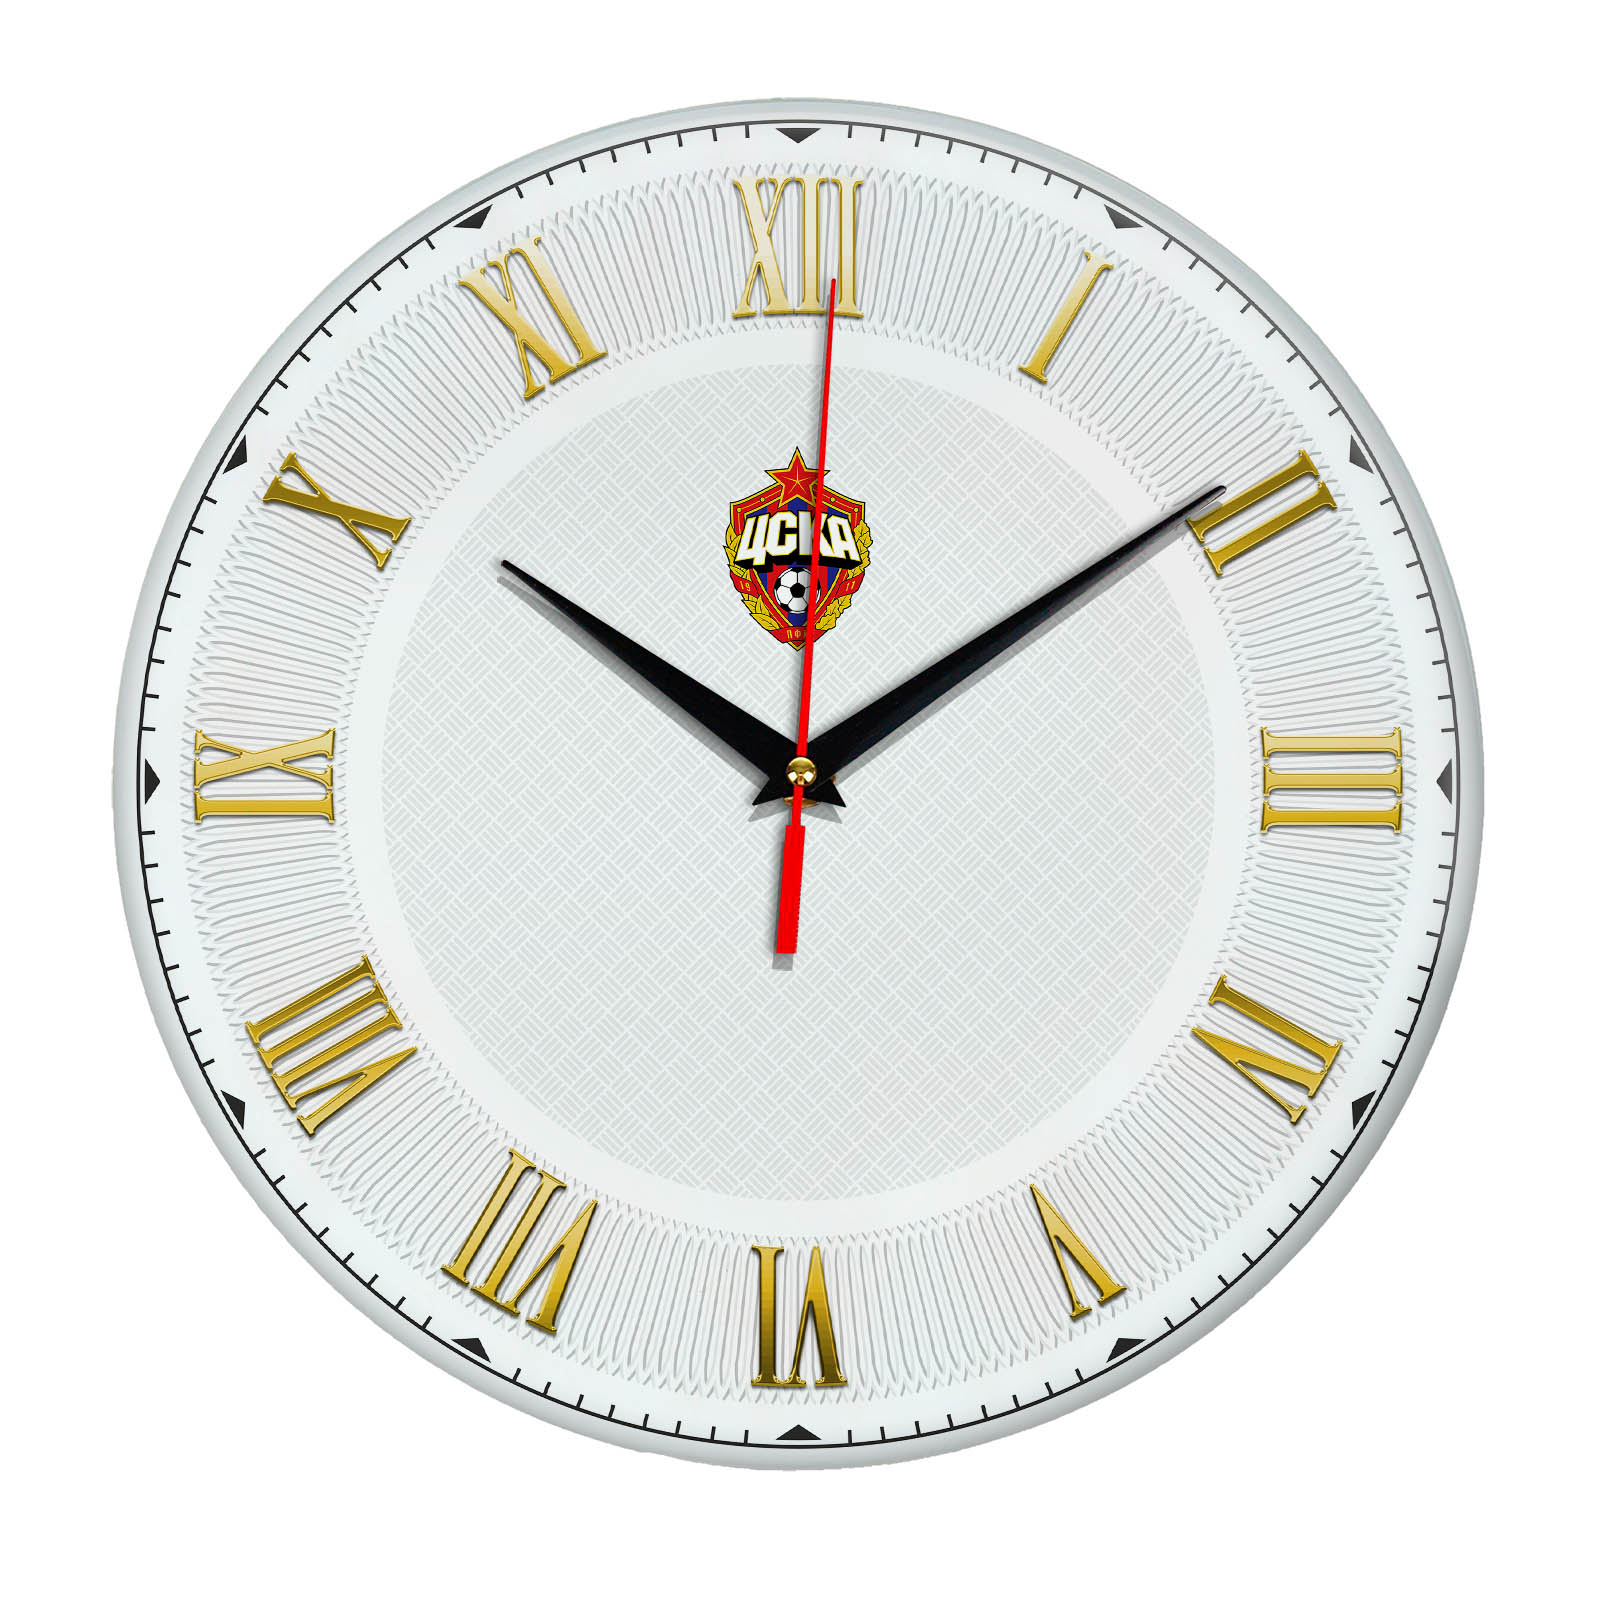 Настенные часы «Футбольный клуб CSKA»